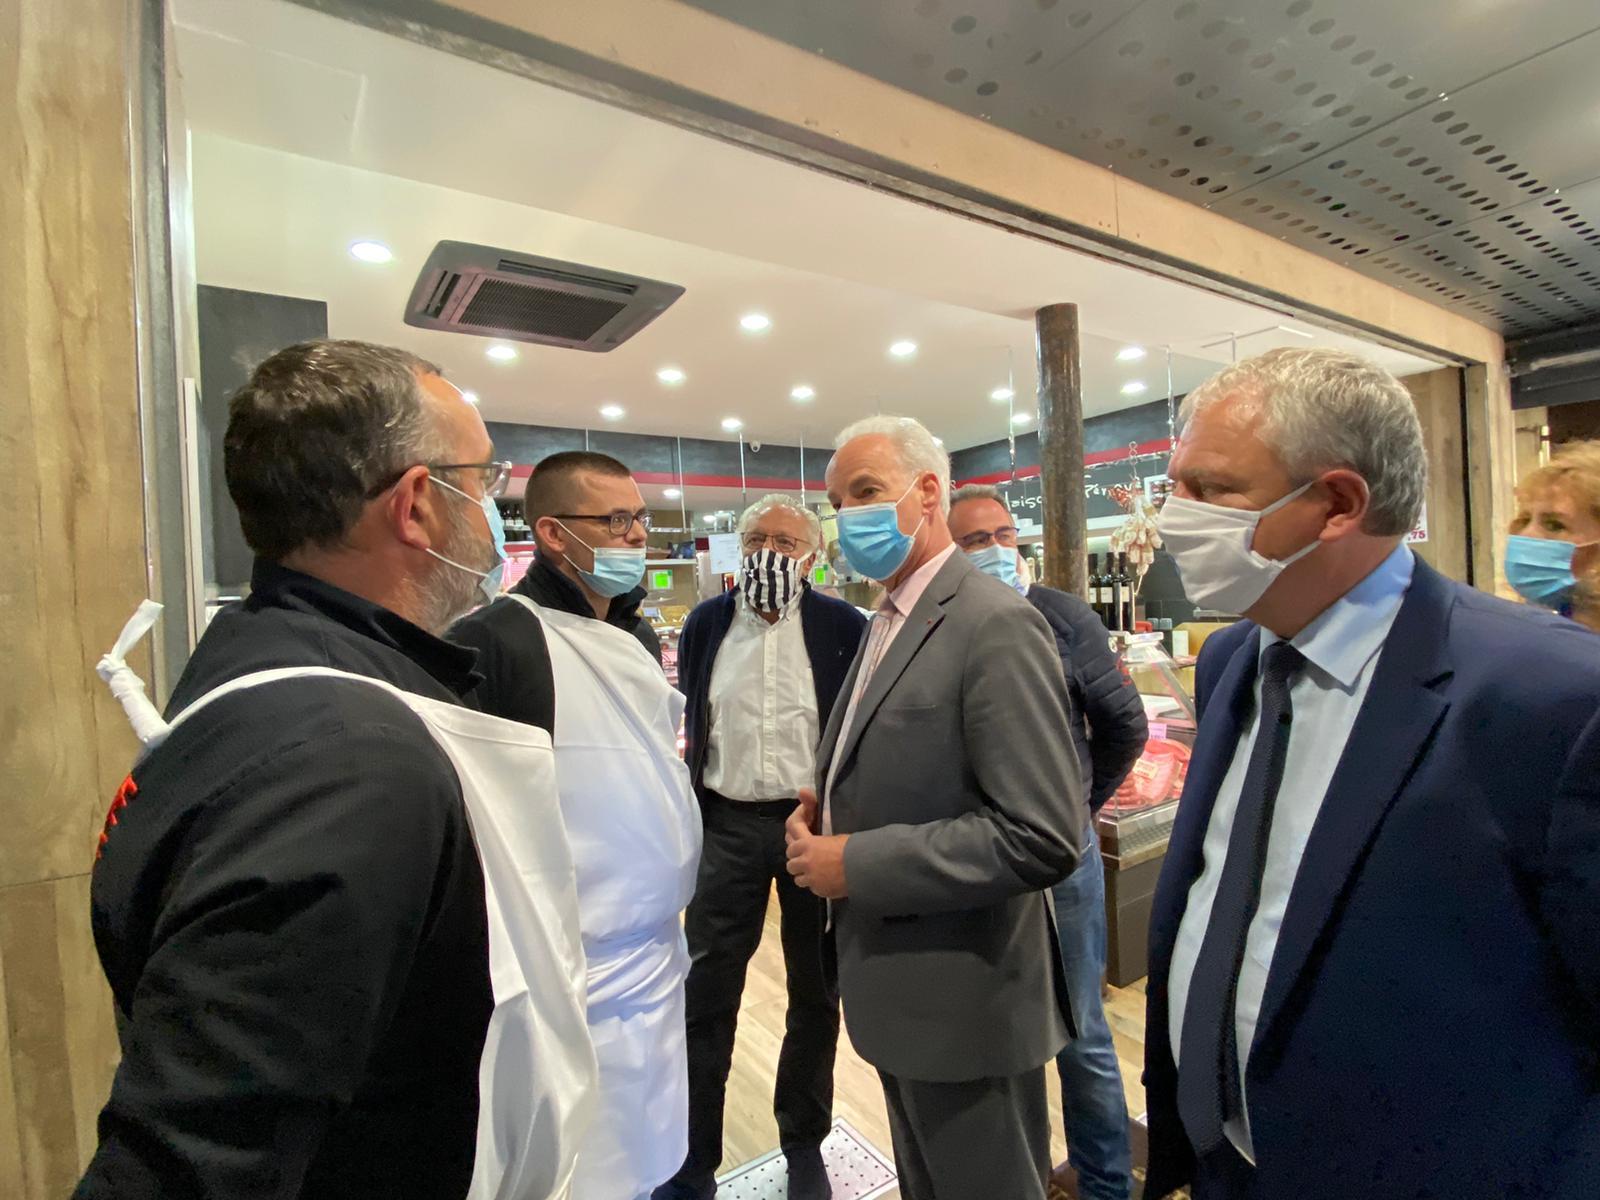 Joël Fourny aux côtés du ministre Alain Griset à la boucherie Nouvelle des Pyrénées (Paris 20e) vandalisée